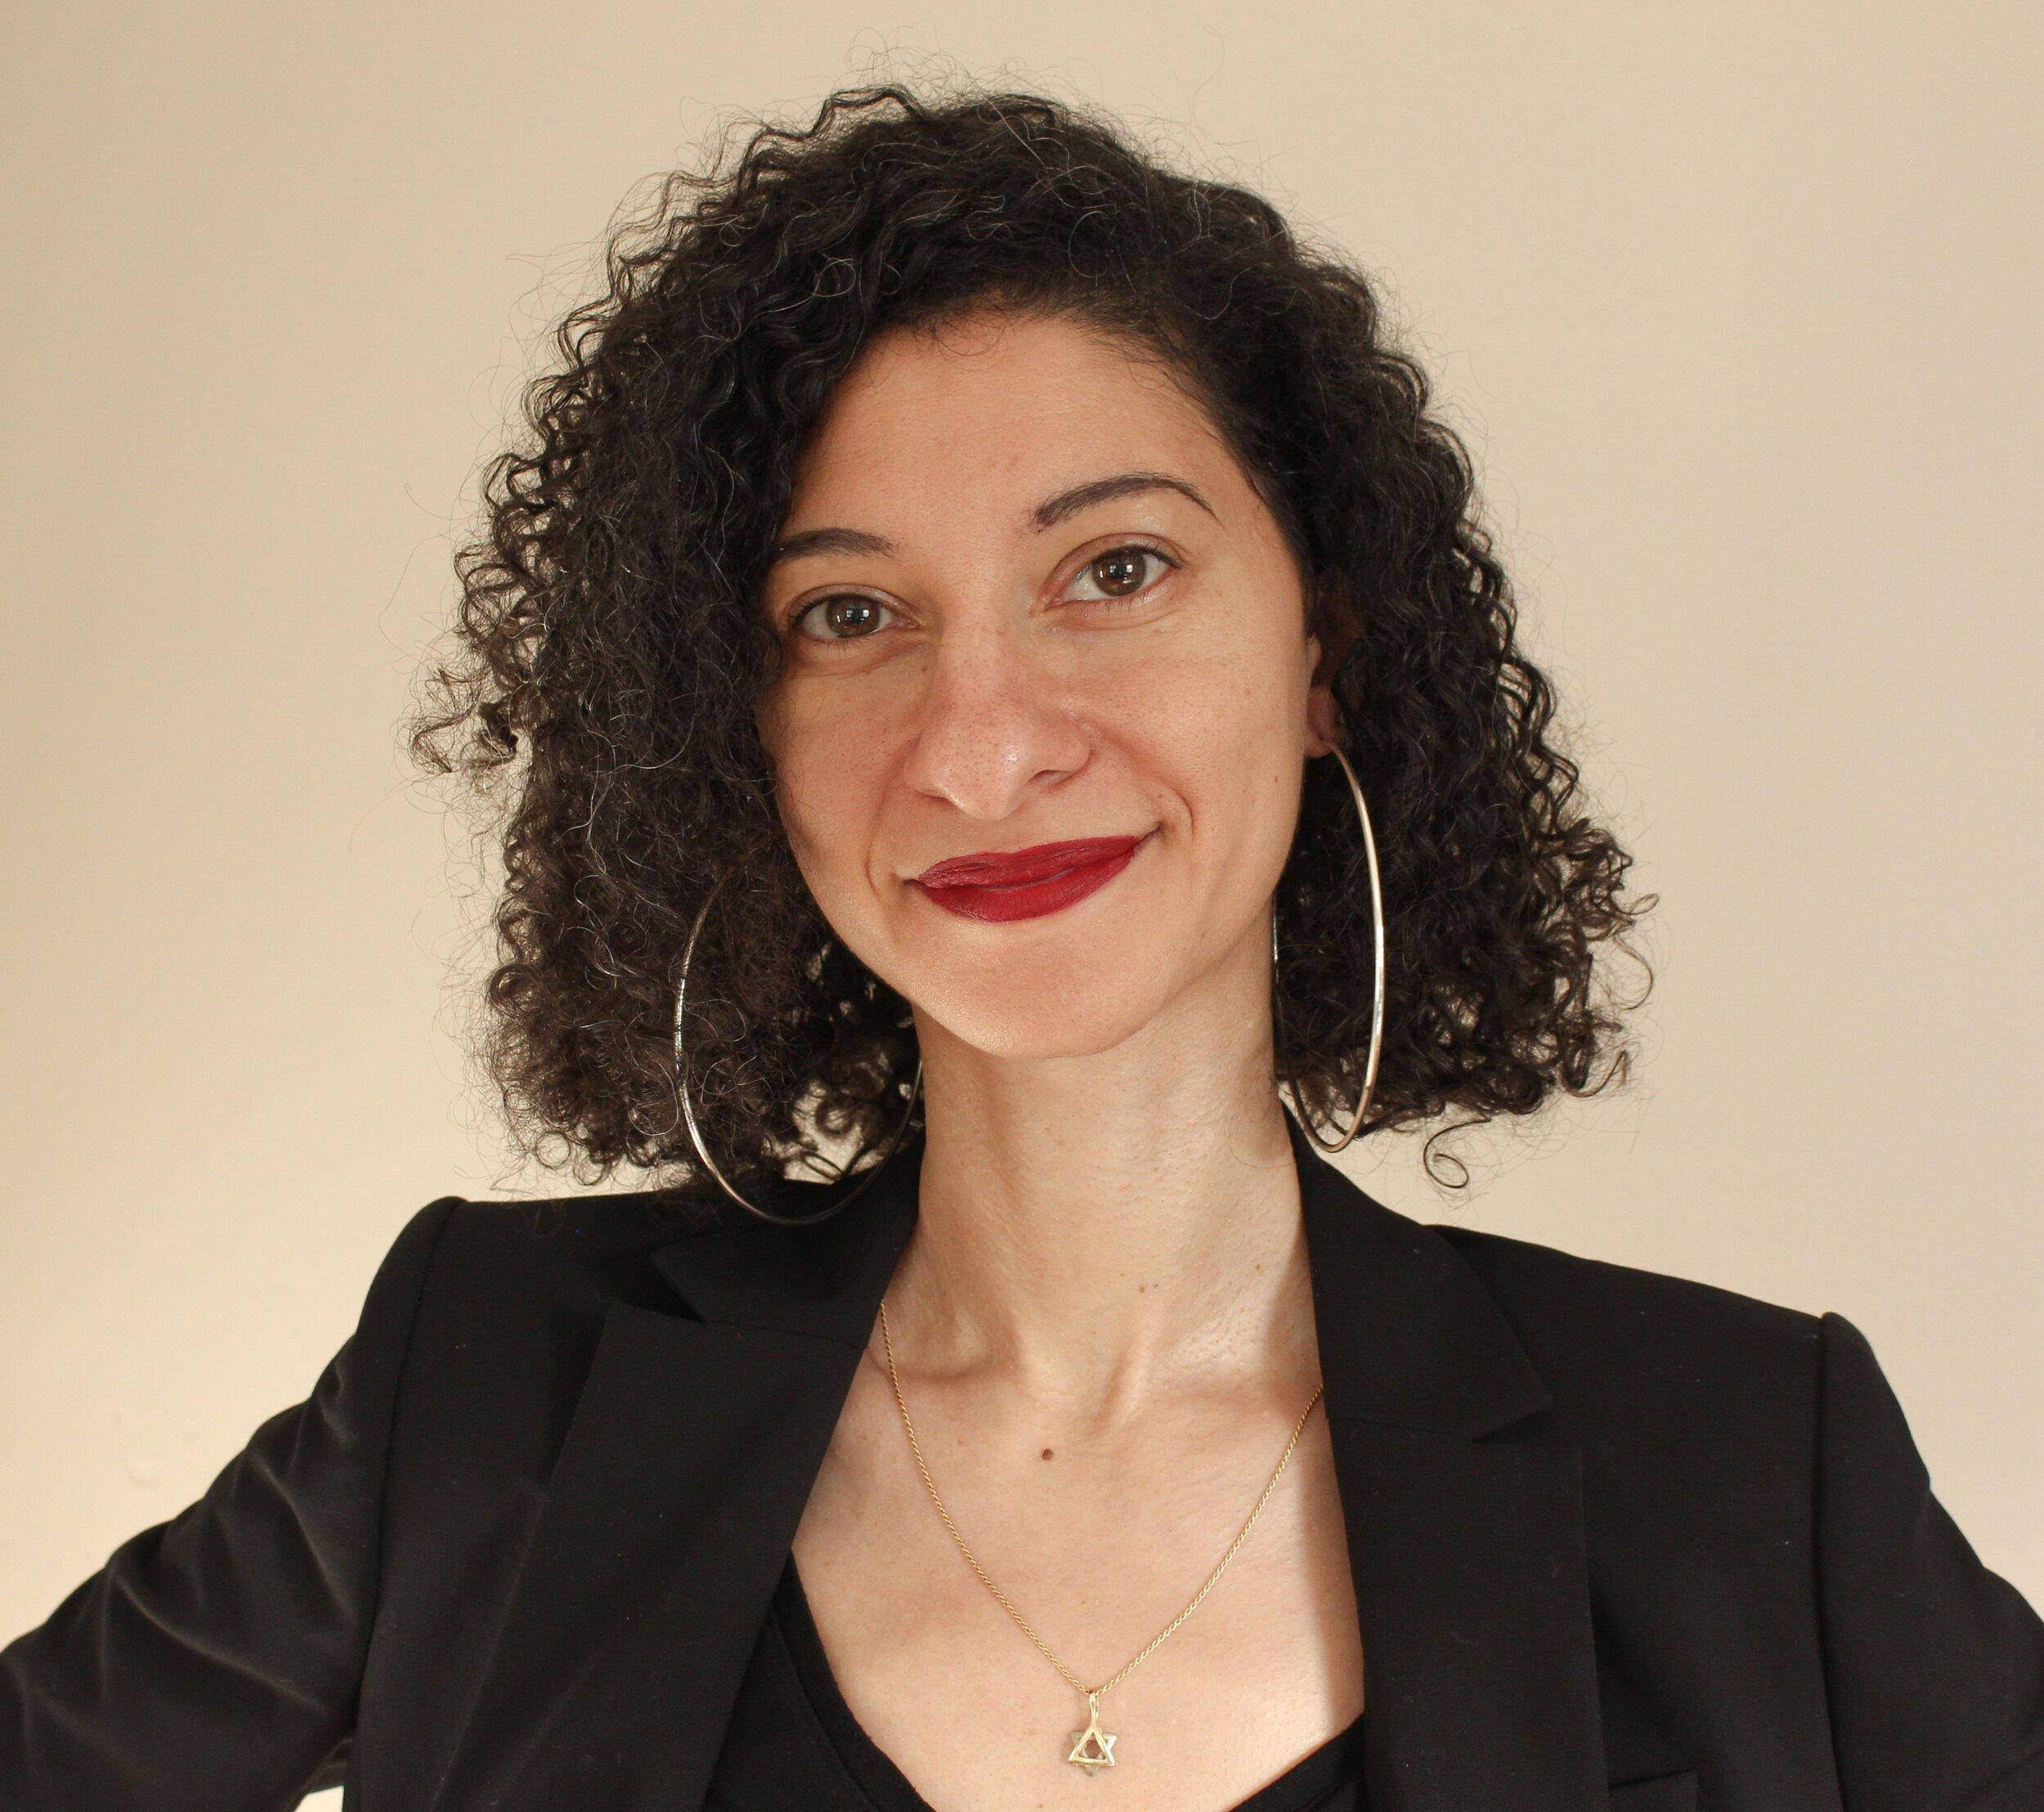 Chanda Prescod-Weinstein in Conversation With Elissa Washuta